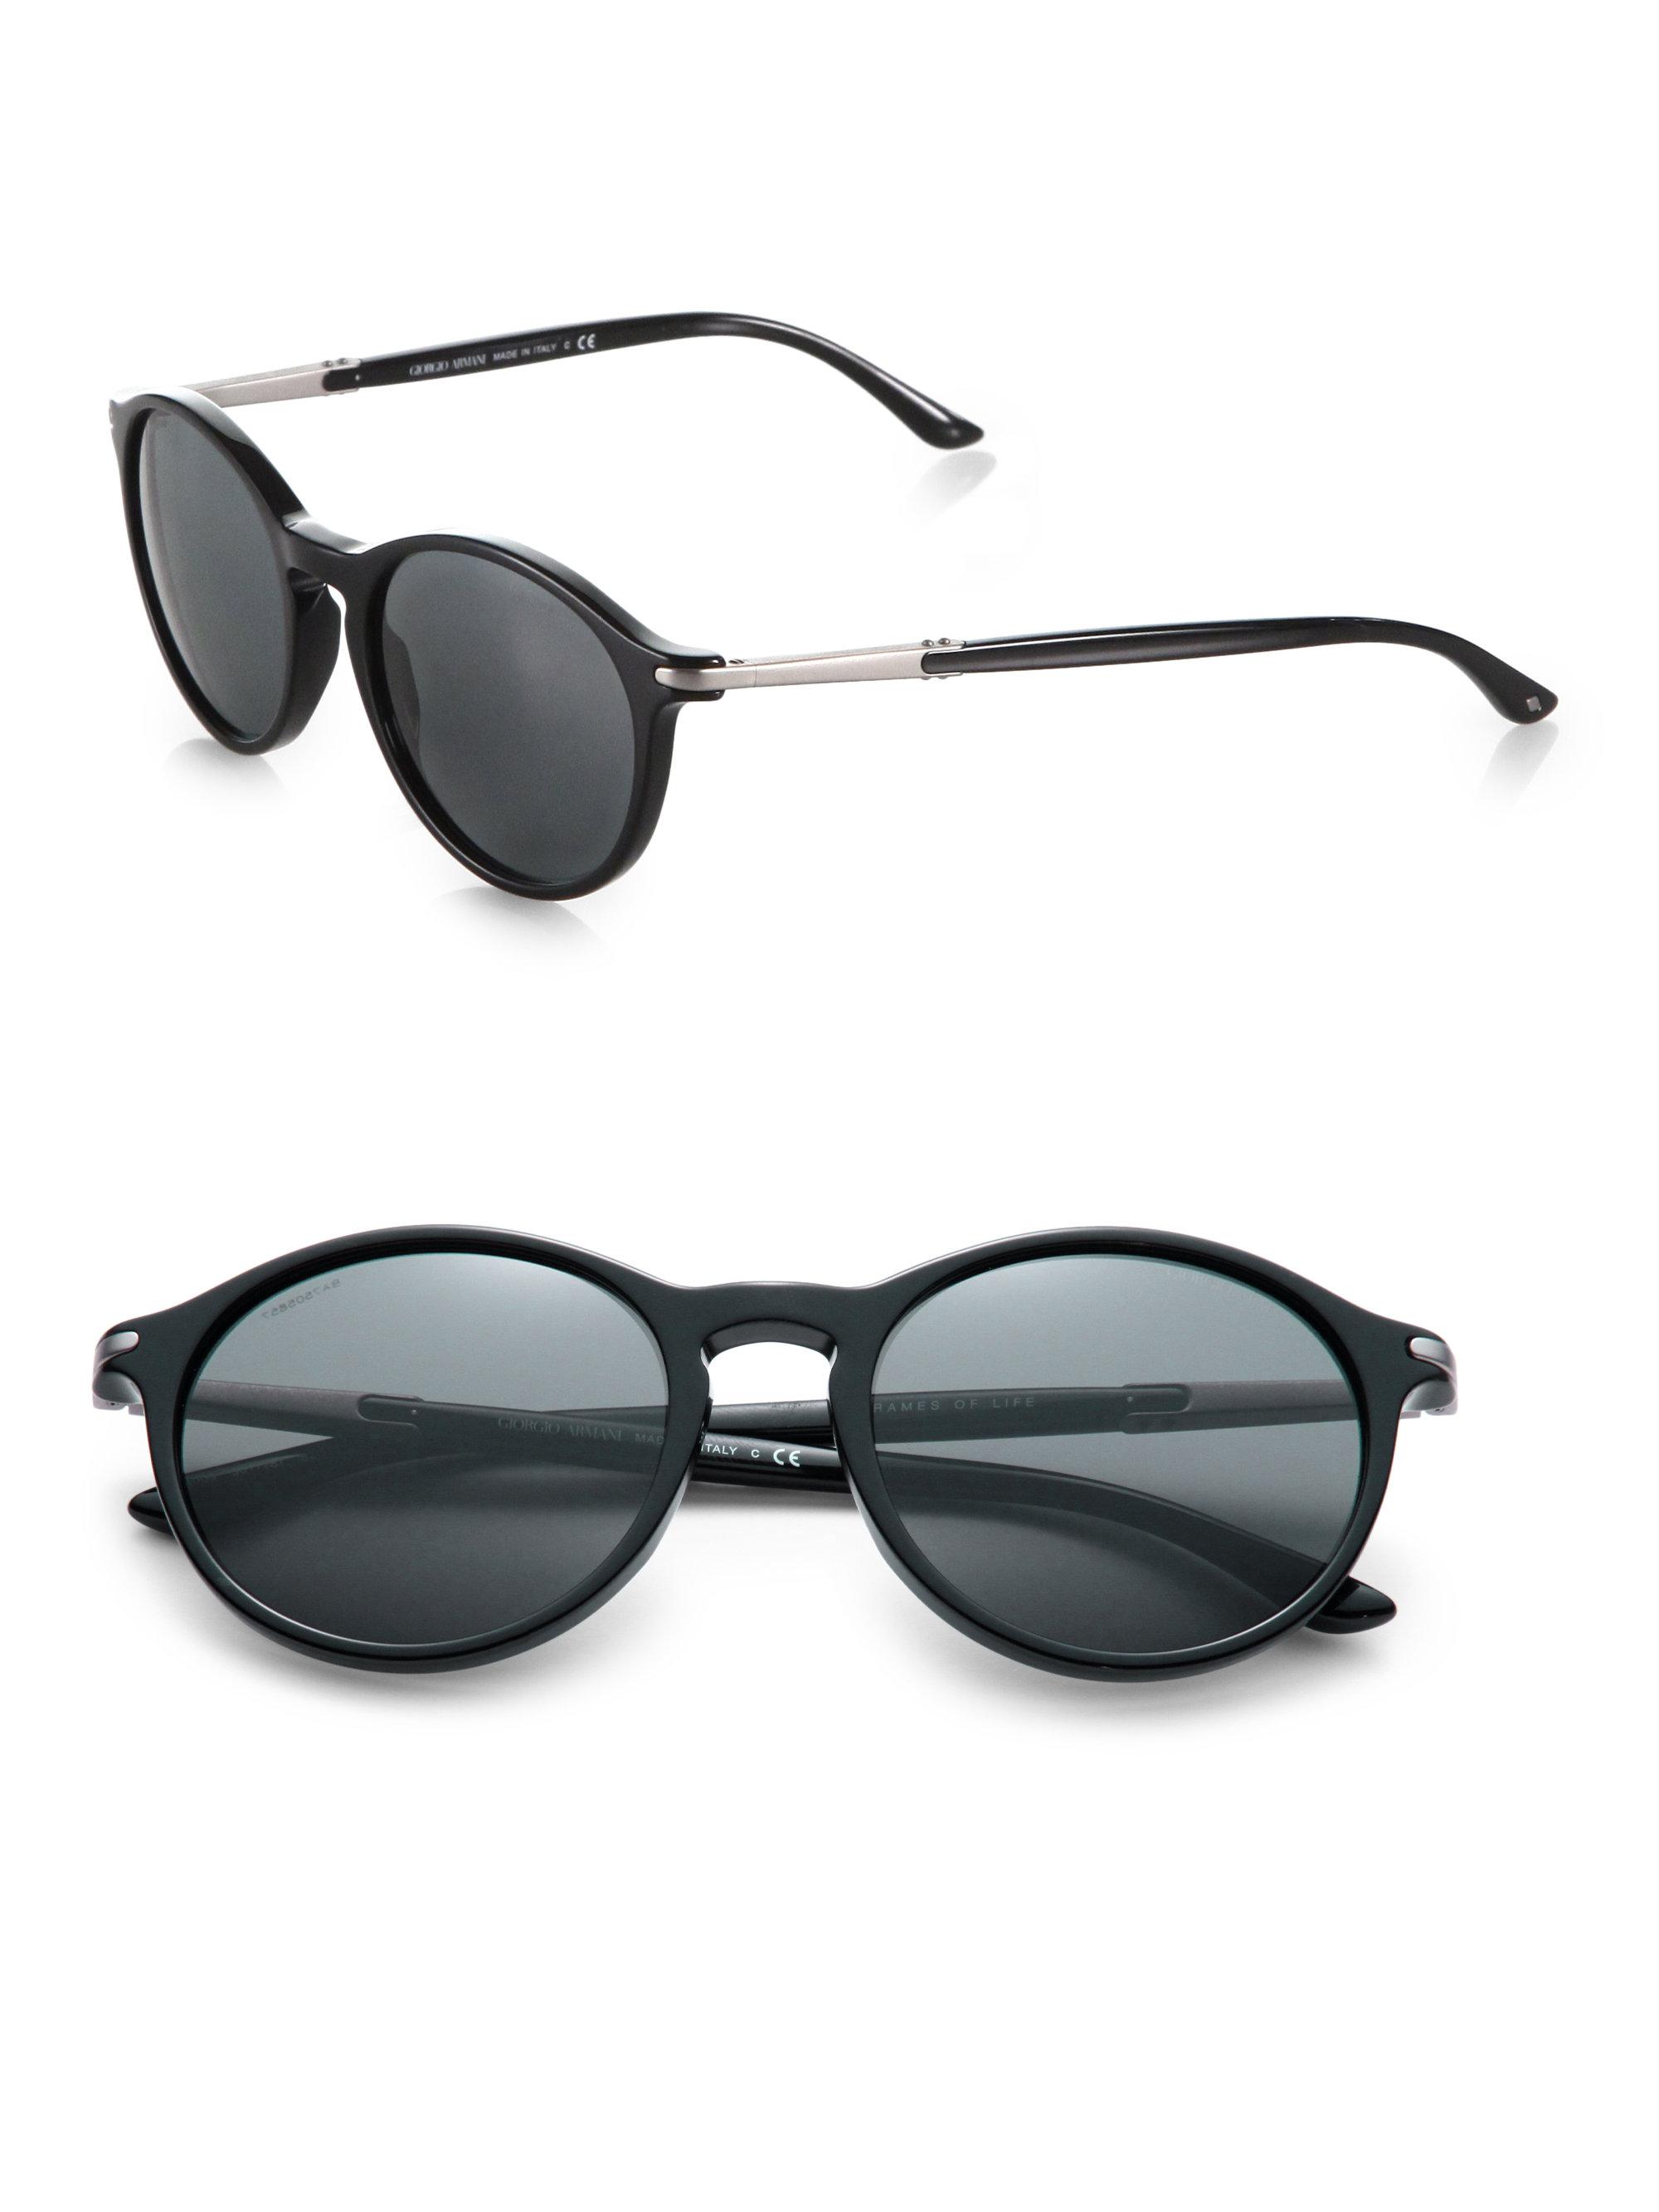 Giorgio armani Round Acetate Sunglasses in Black | Lyst